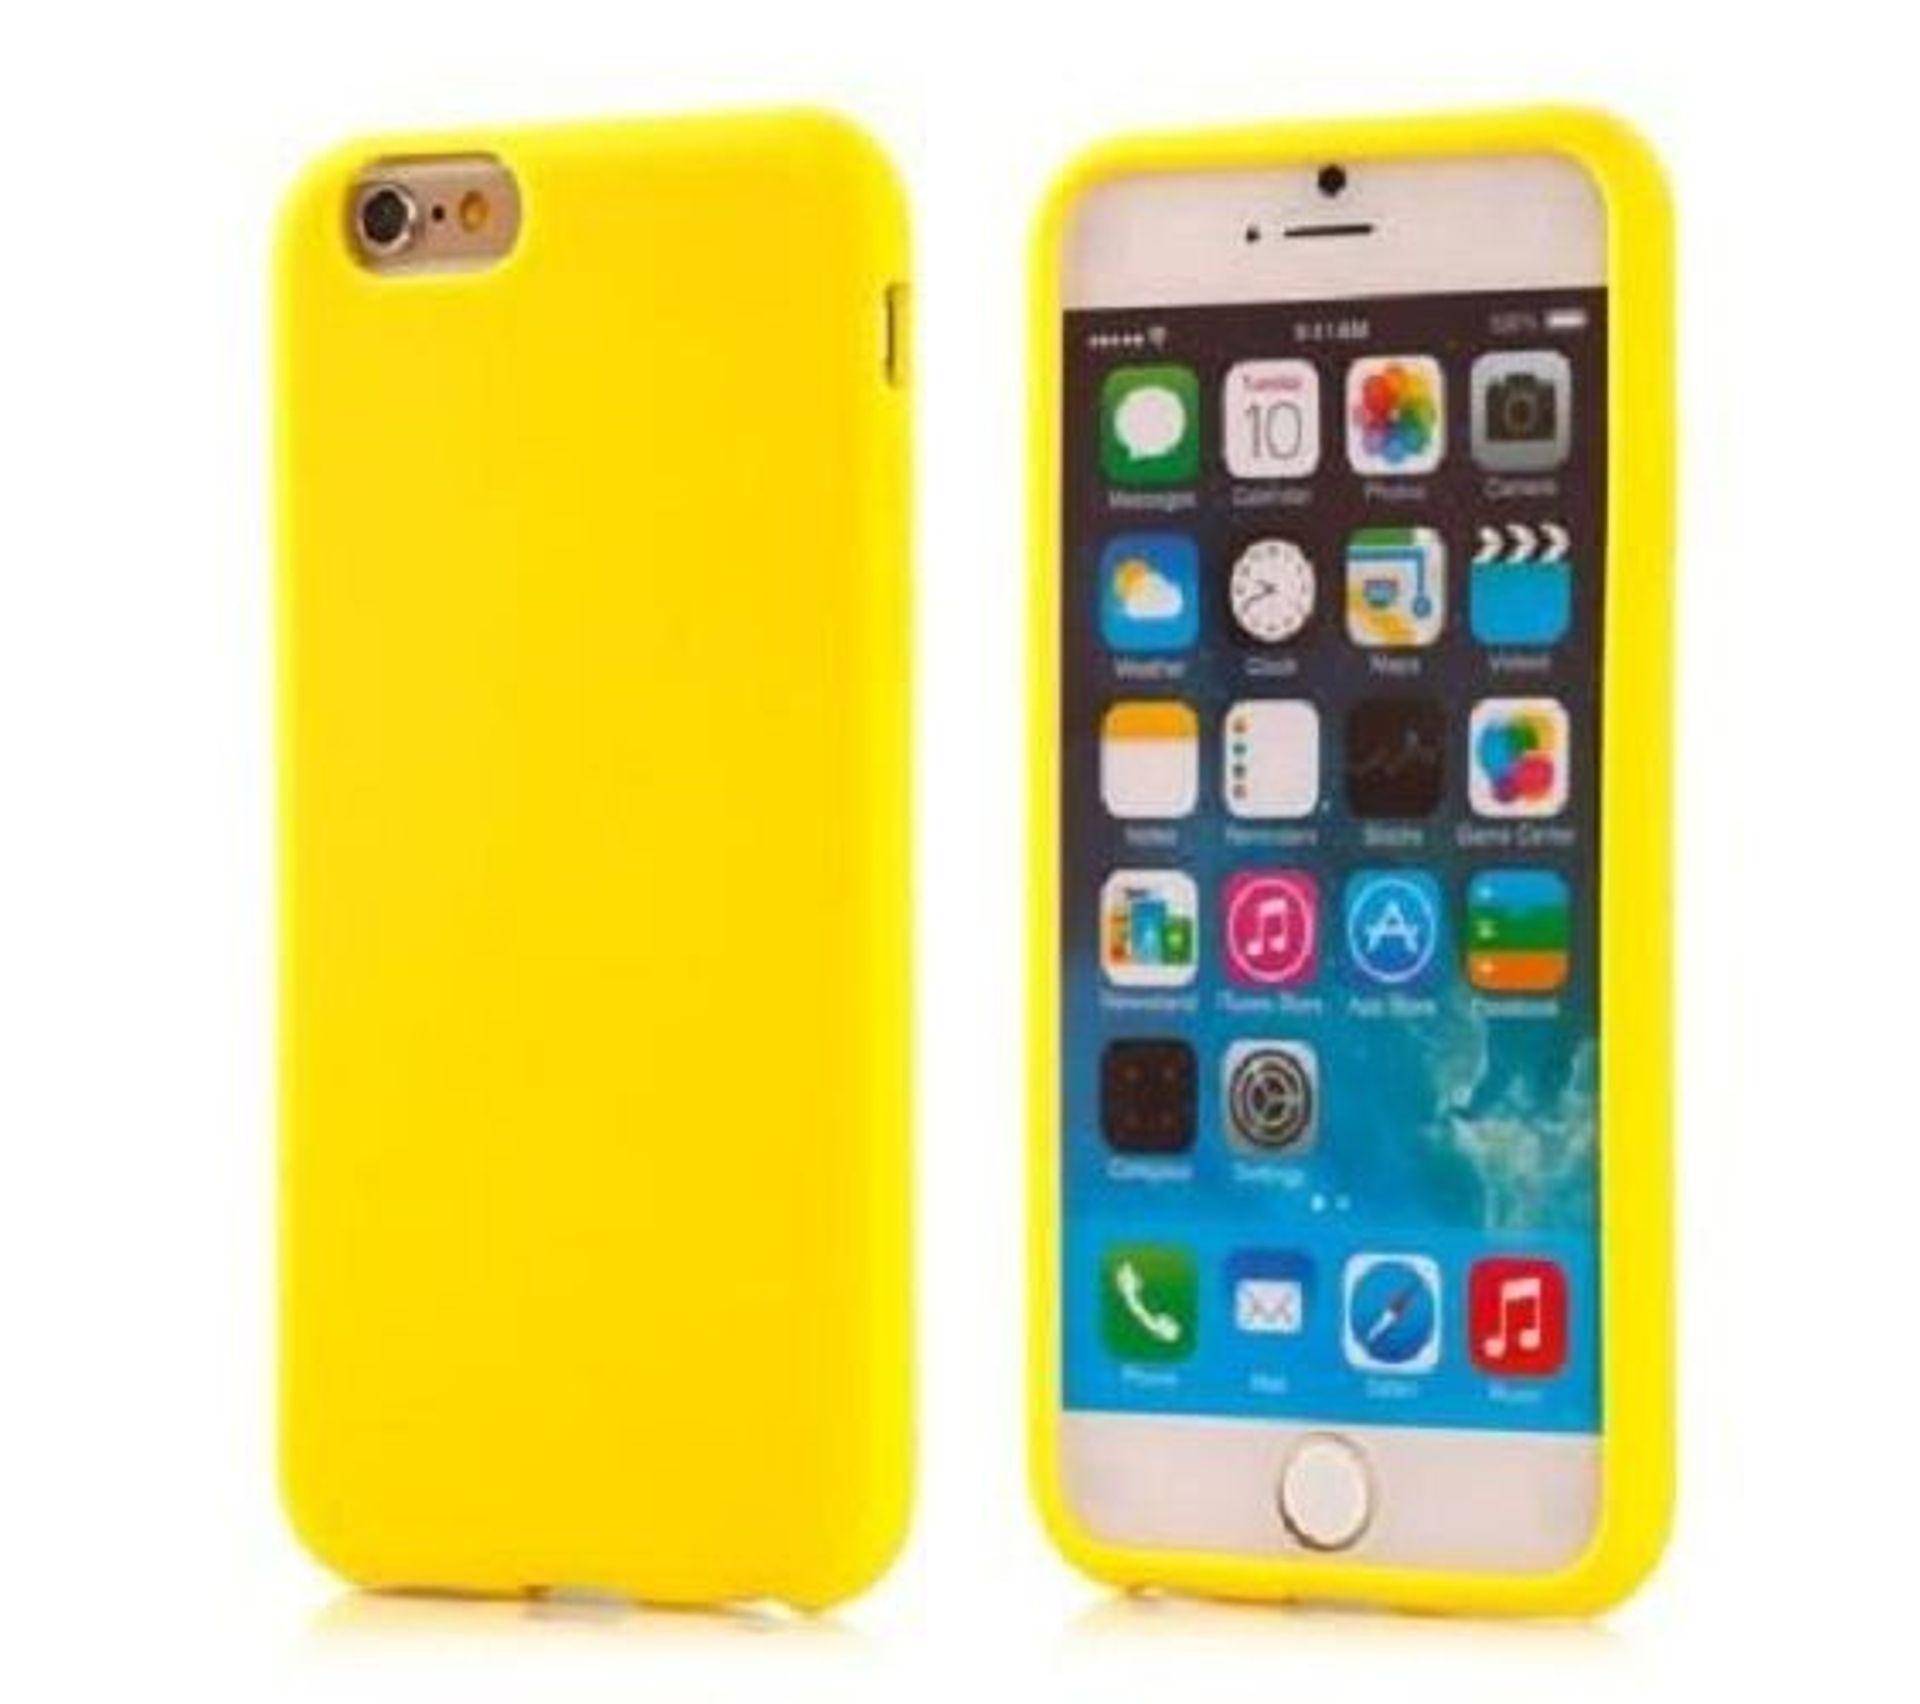 Etui Coque Silicone Tpu Jaune Pour Apple iPhone 5c